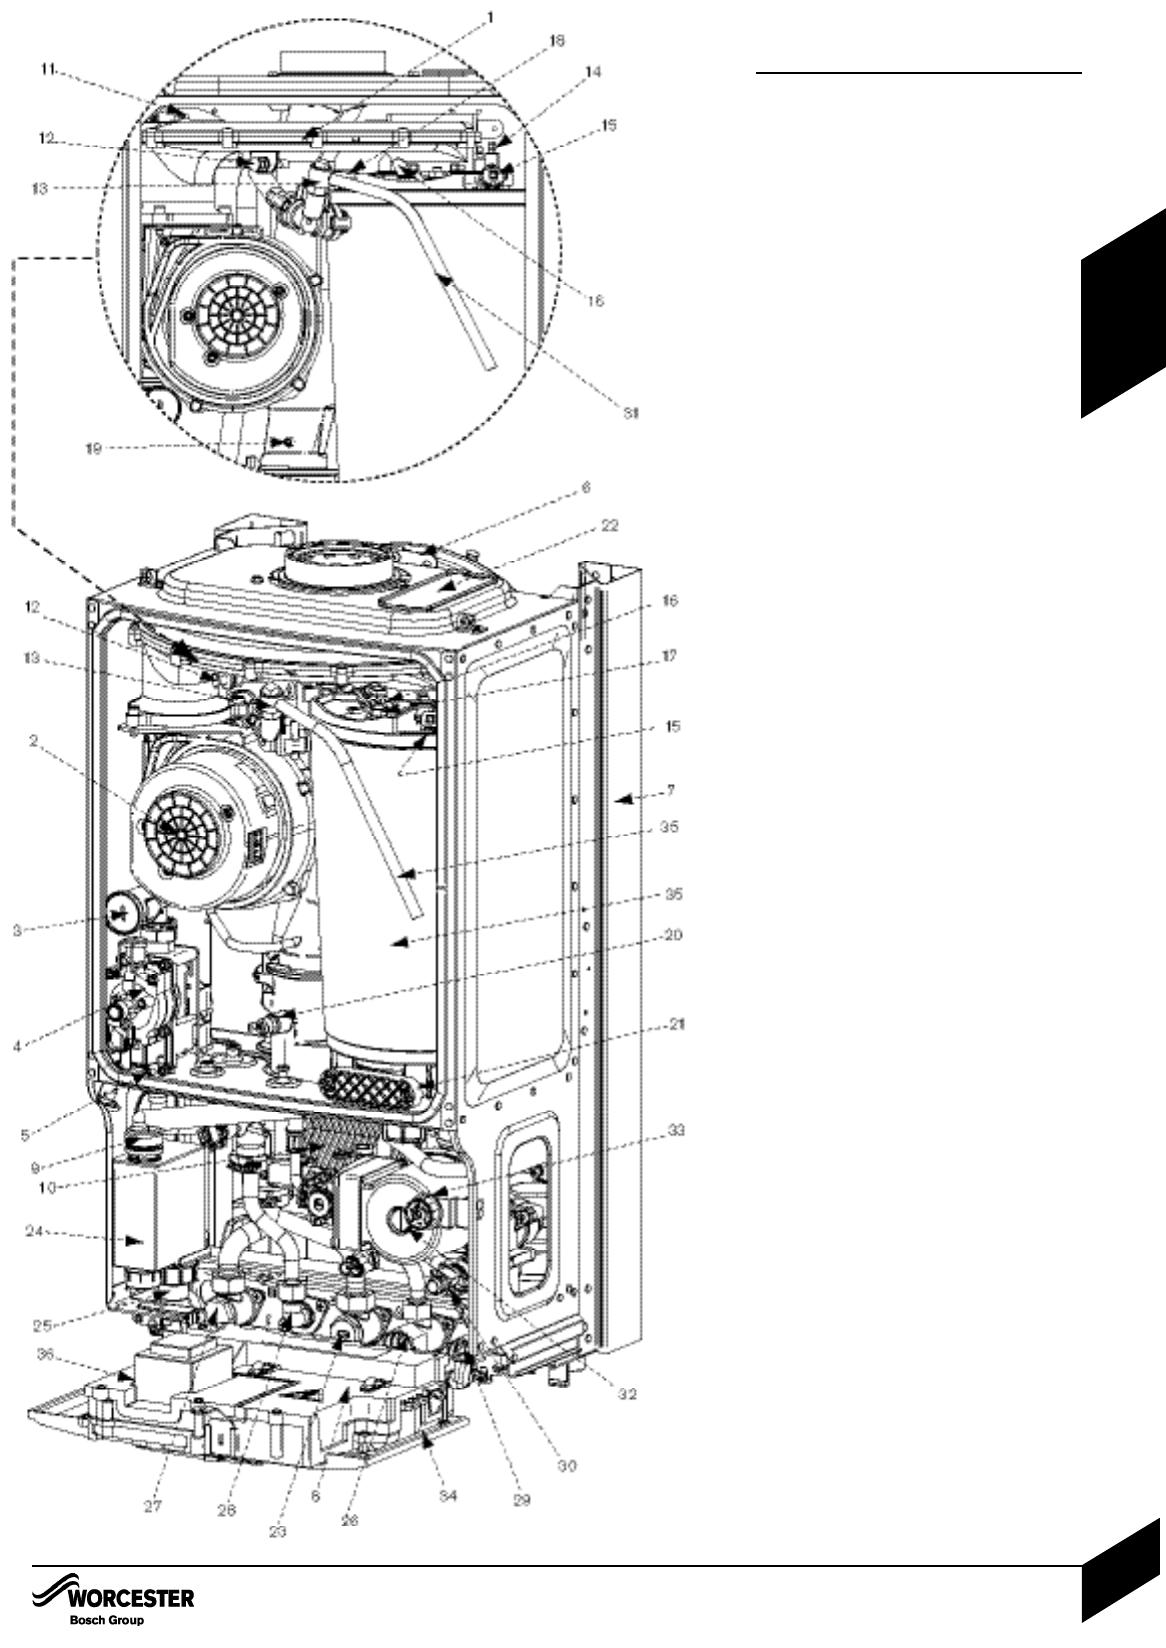 a3fff502 8fa2 4f73 8187 77dba4321894 bg7?resize=665%2C940 worcester 30cdi system boiler wiring diagram best wiring diagram worcester system boiler wiring diagram at bakdesigns.co